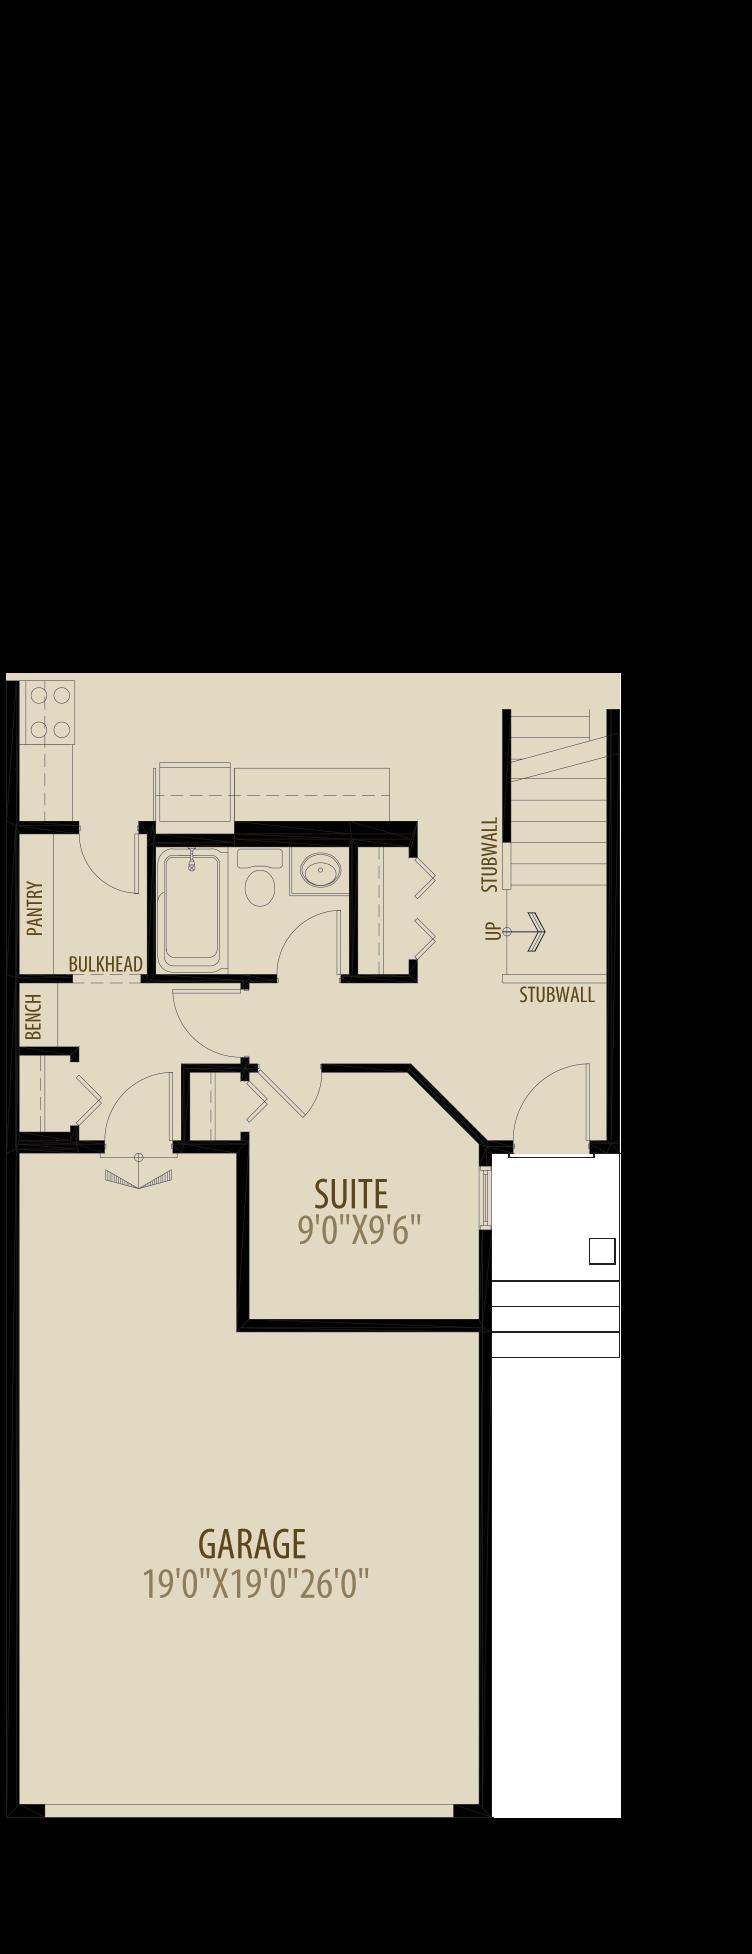 Option 4 Main Floor Suite Adds 70 sq ft